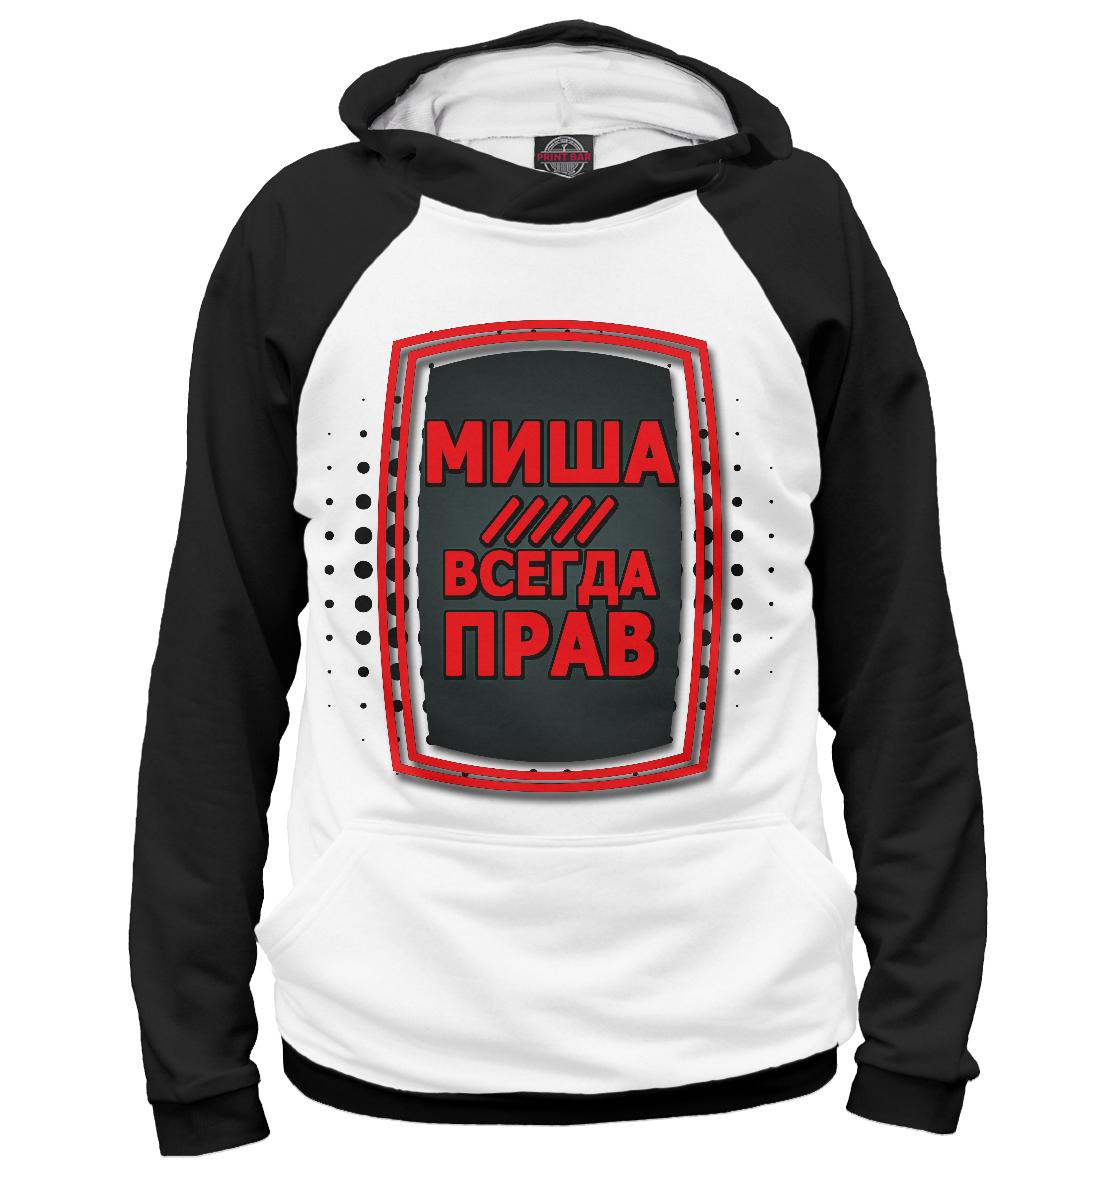 Купить Миша, Printbar, Худи, MCH-576219-hud-1